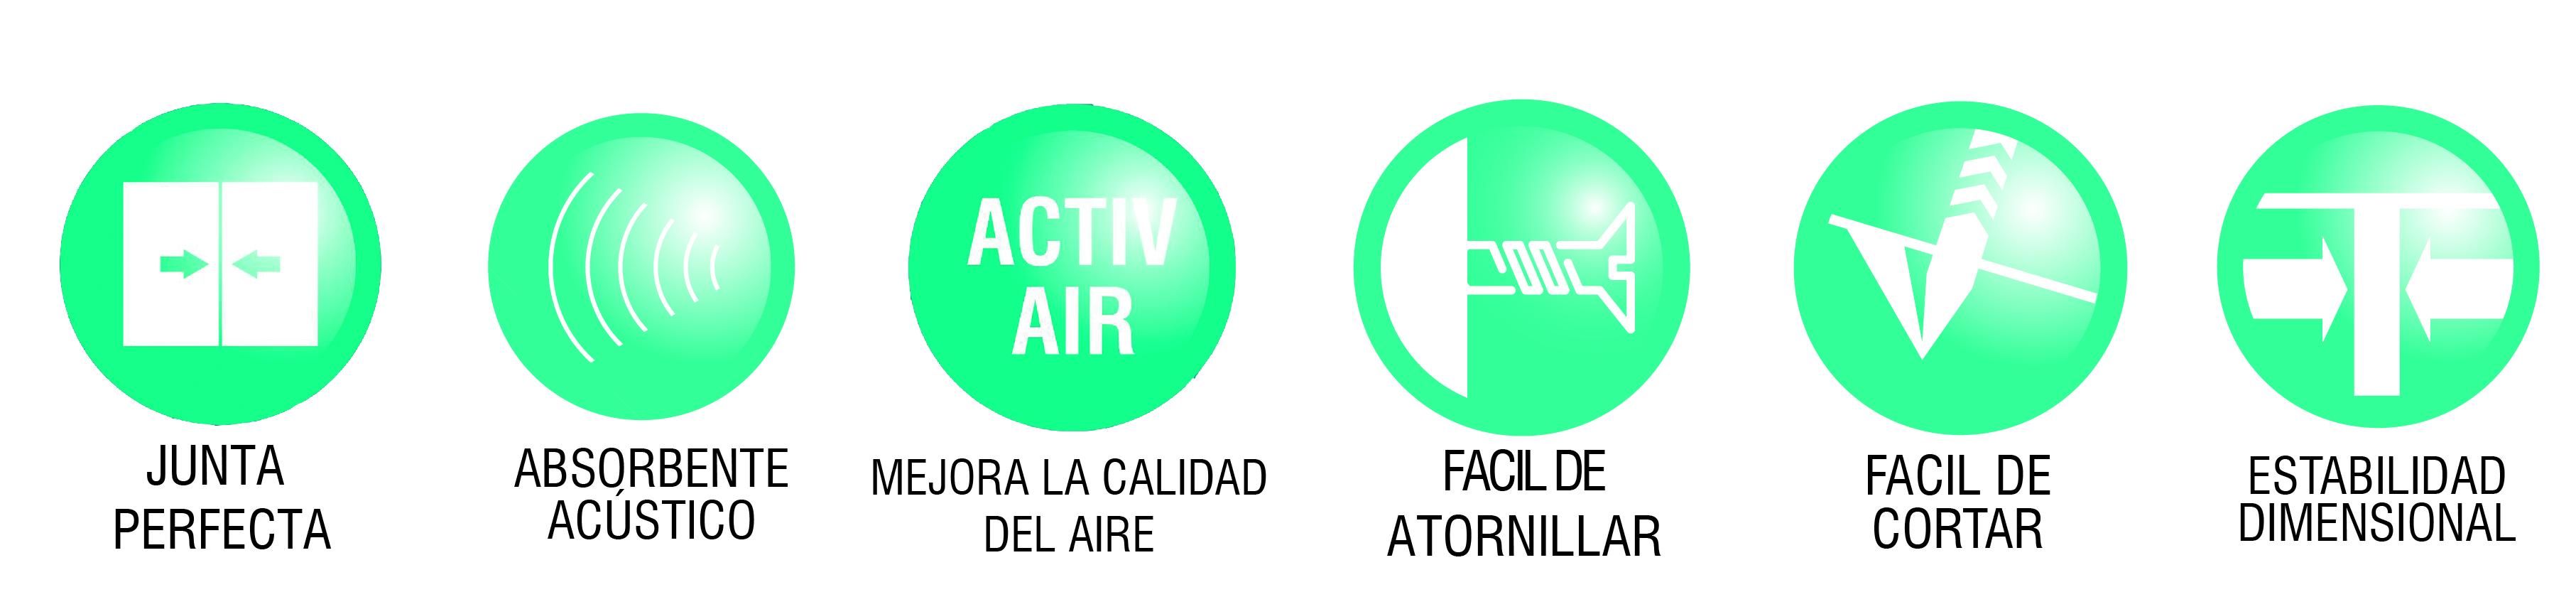 iconos ventajas rigitone placa acustica